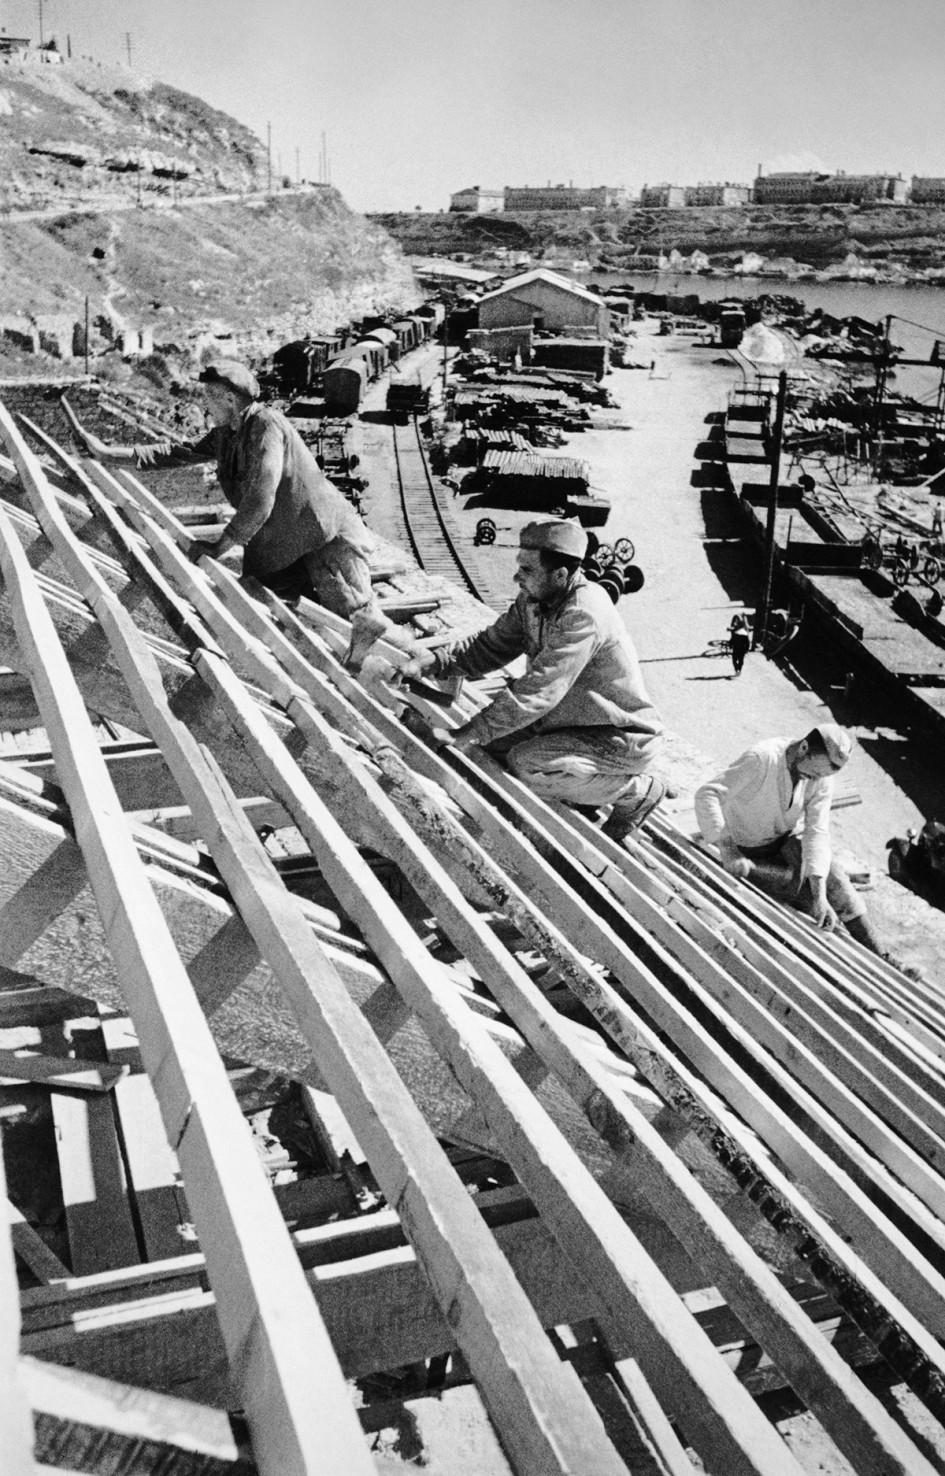 Жители Севастополя во время работ по восстановлению портовых сооружений после освобождения города от немецко-фашистских захватчиков. 1944 год